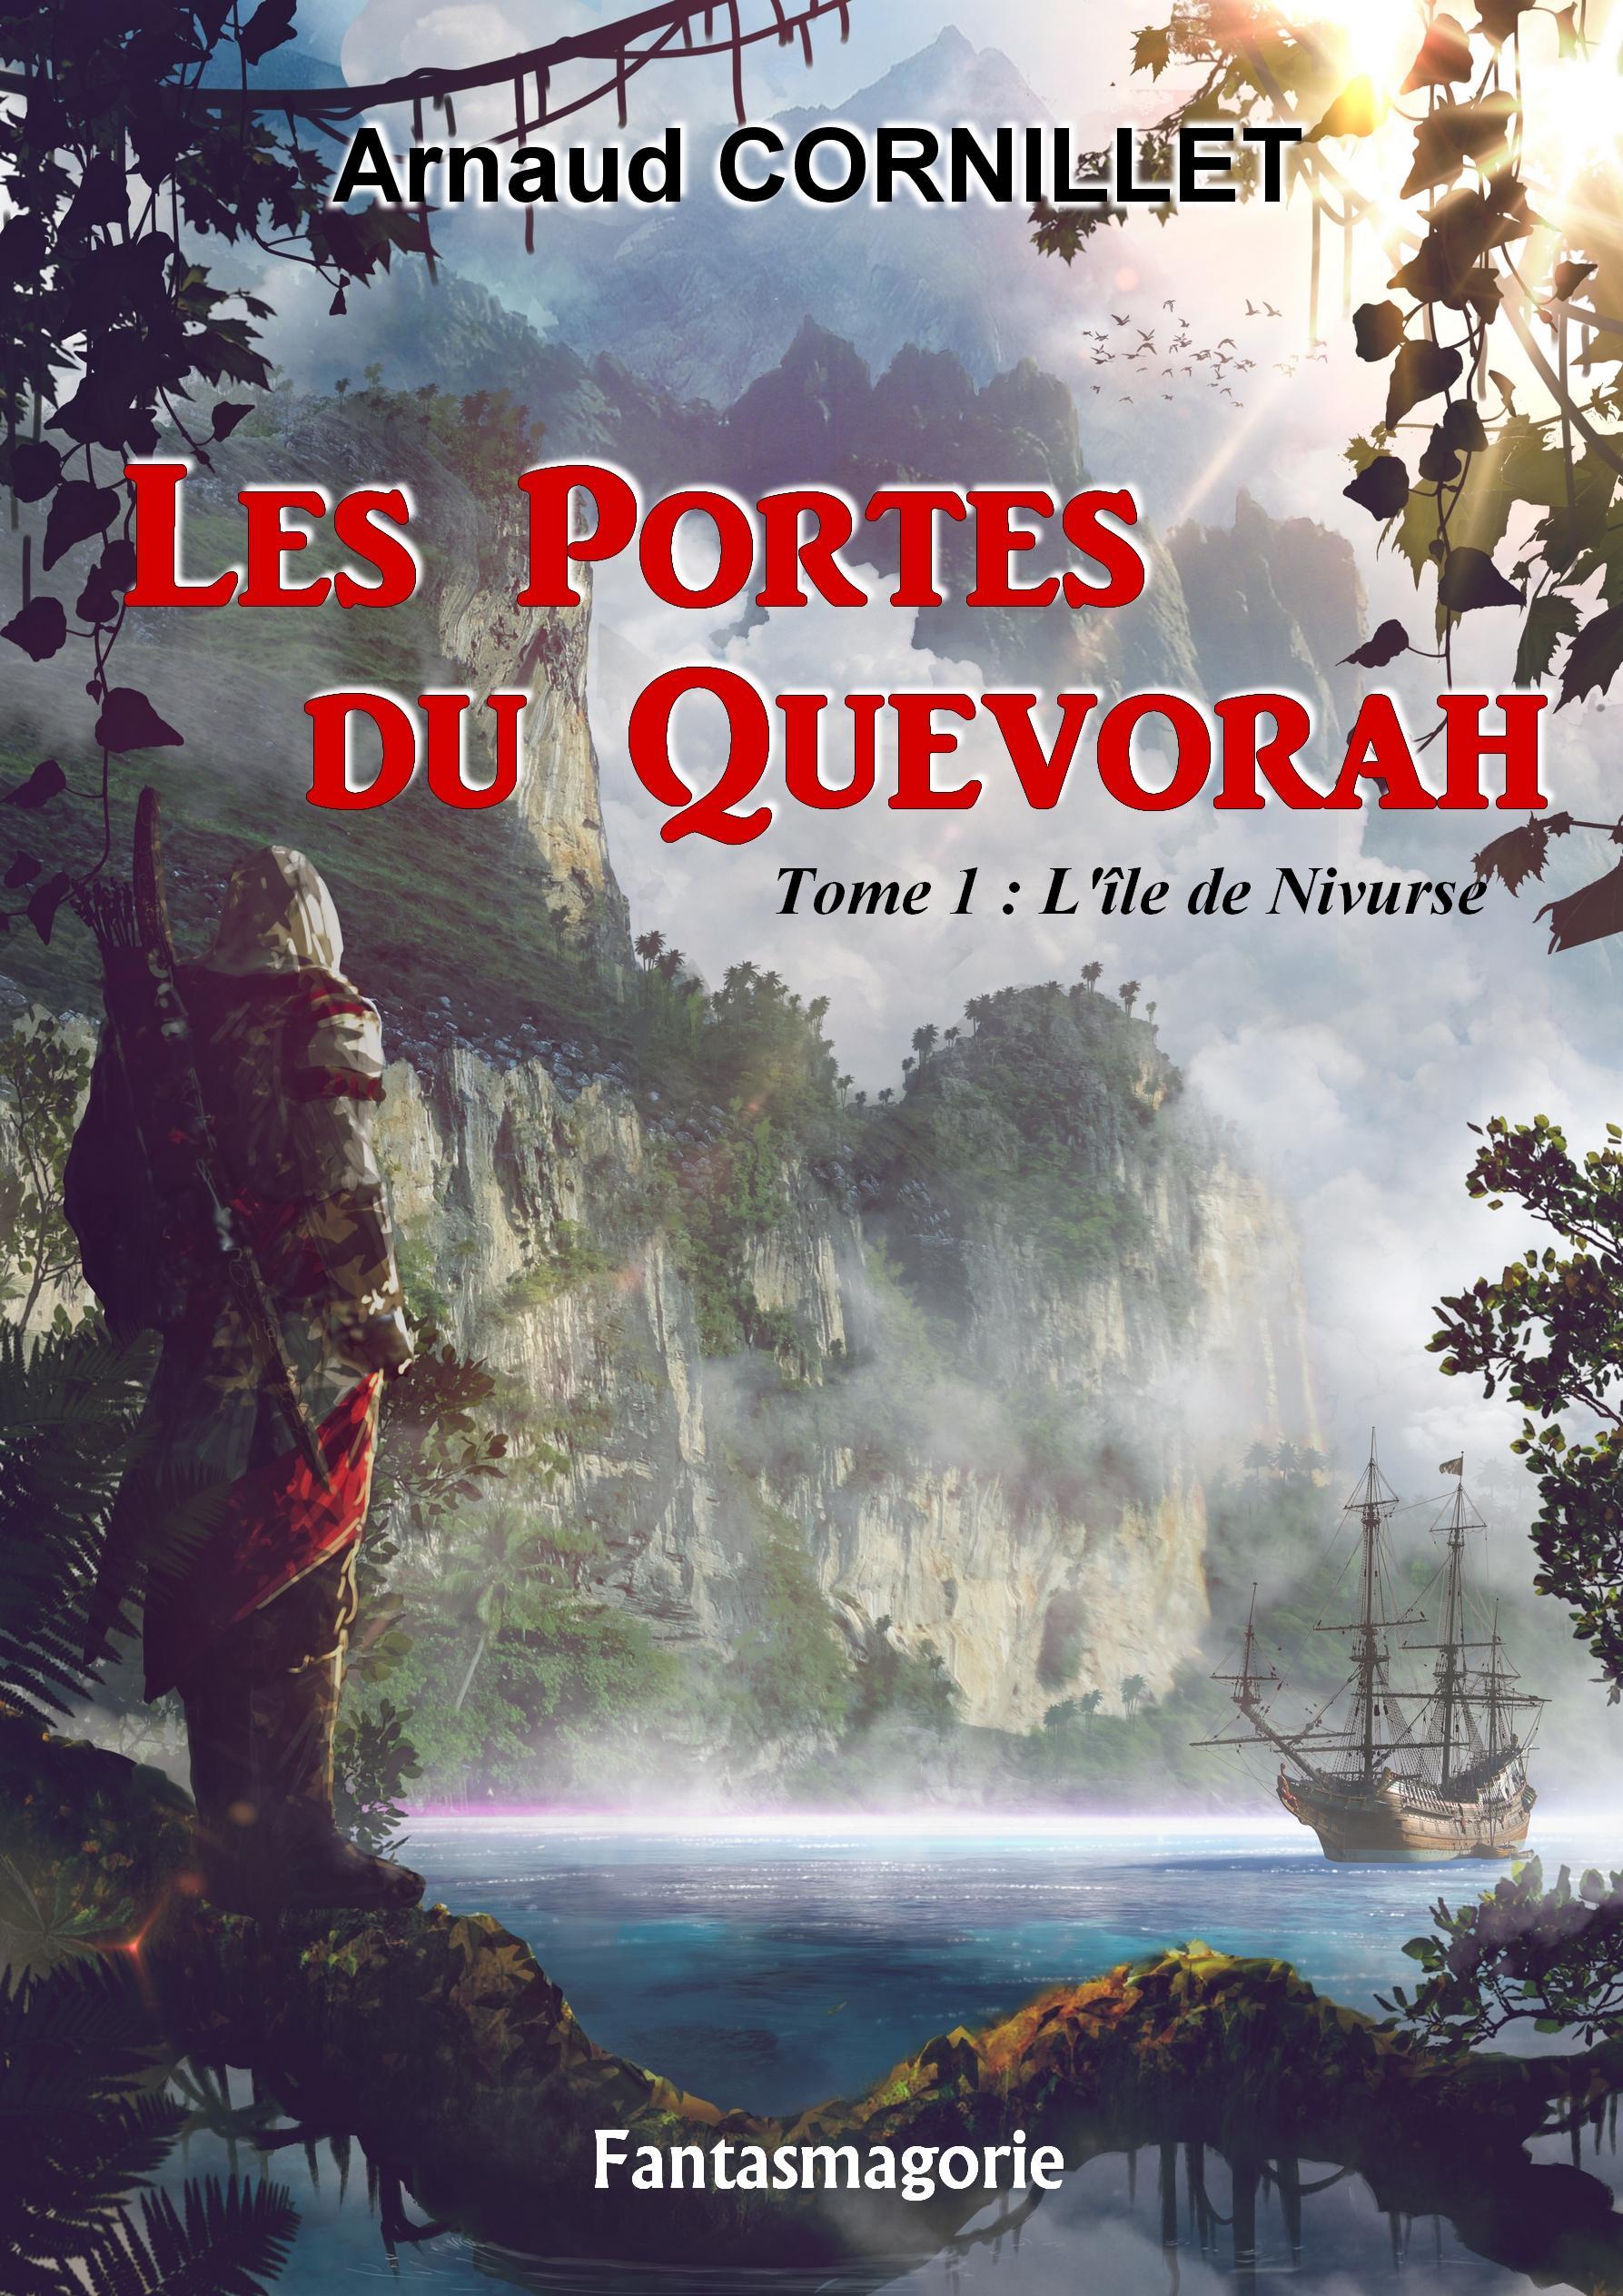 Les Portes du Quevorah, TOME 1 : L'ÎLE DE NIVURSE